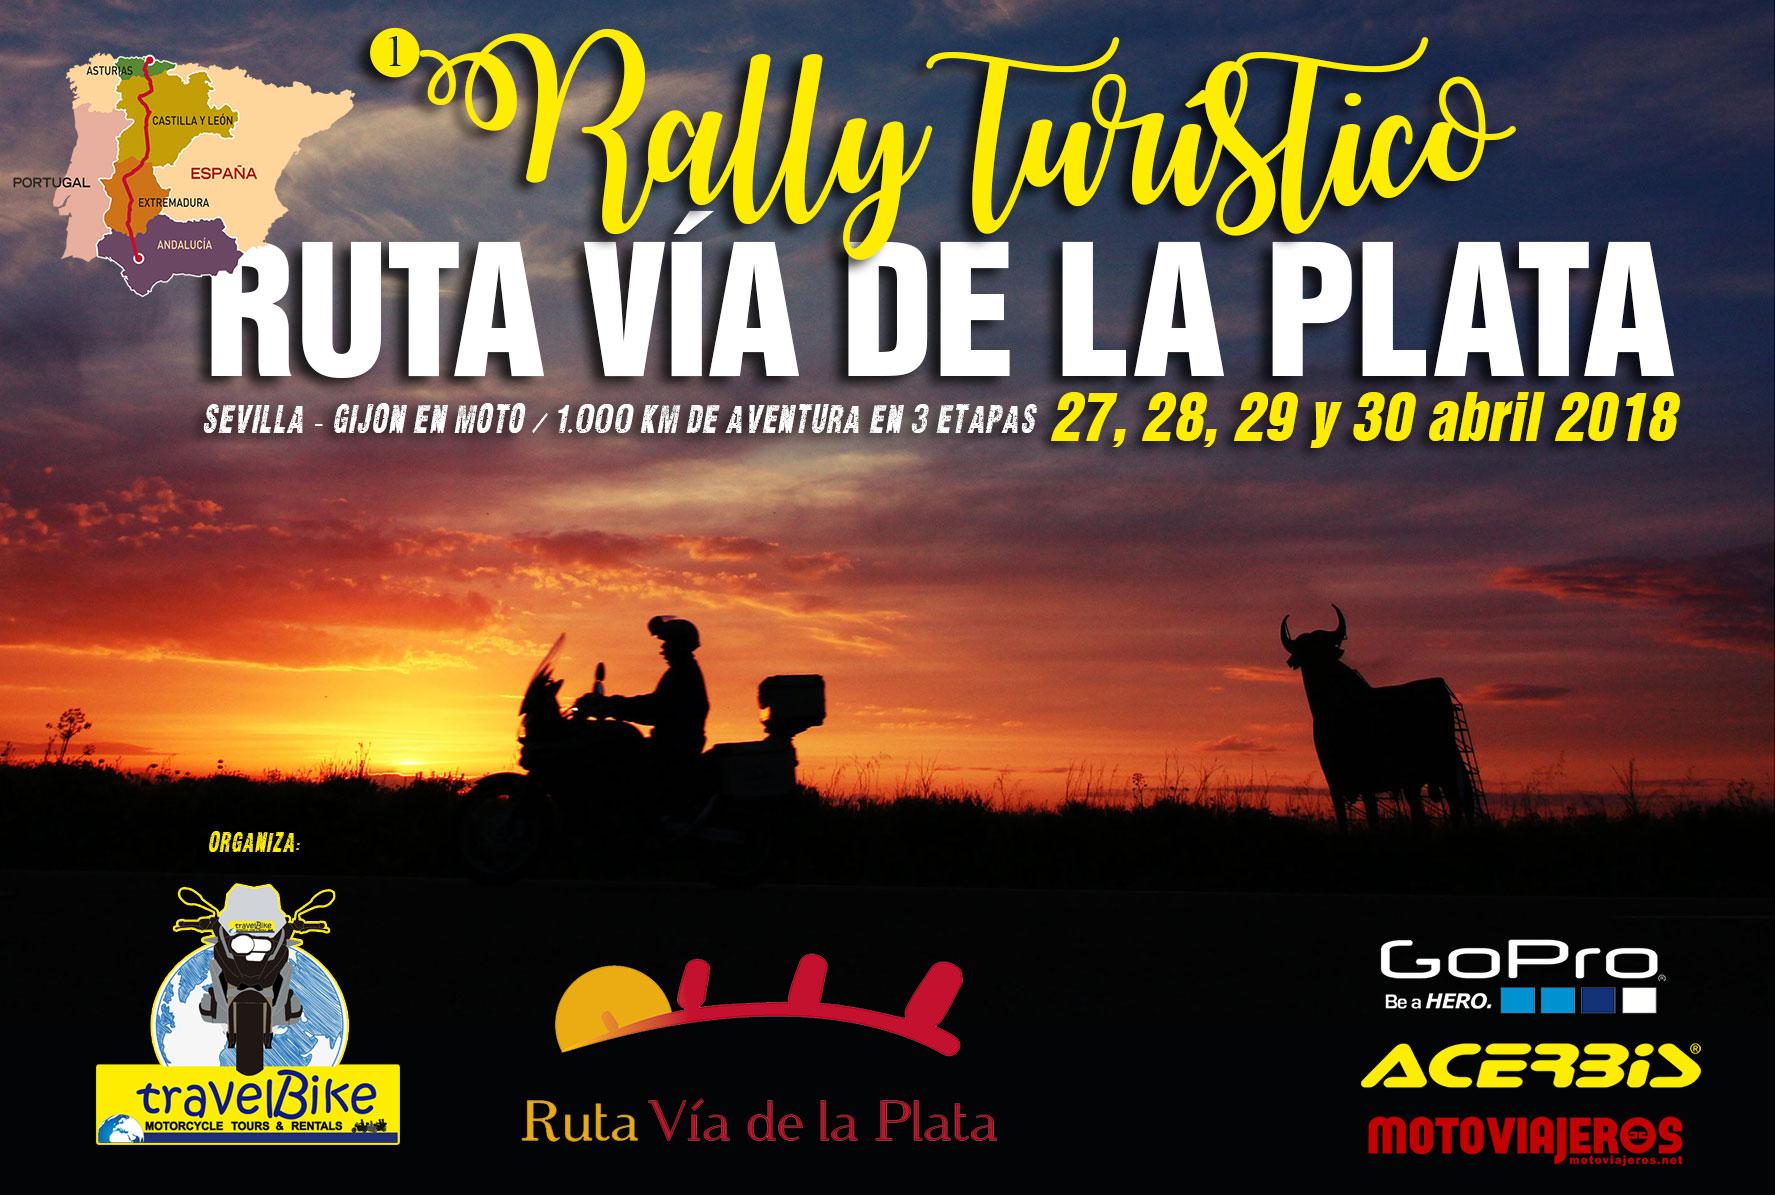 Rally Turístico Ruta Vía de la Plata 2018